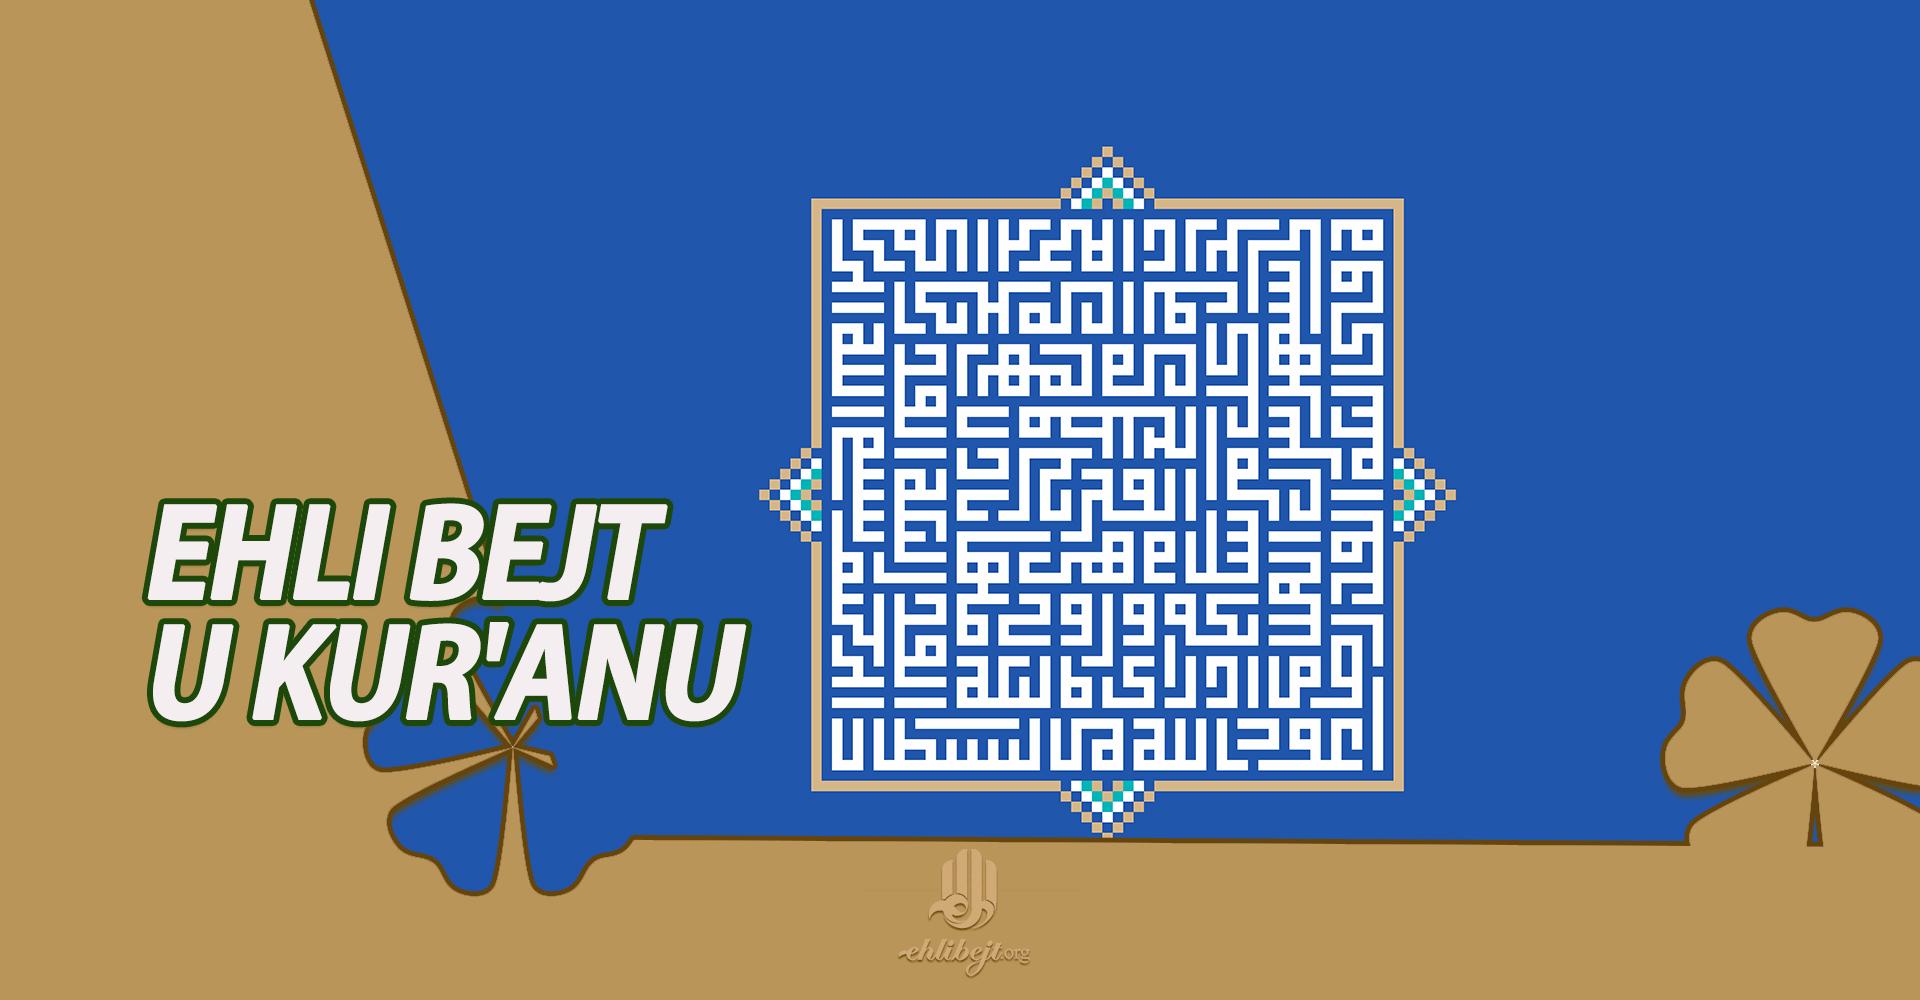 Ehli bejt u Kur'anu